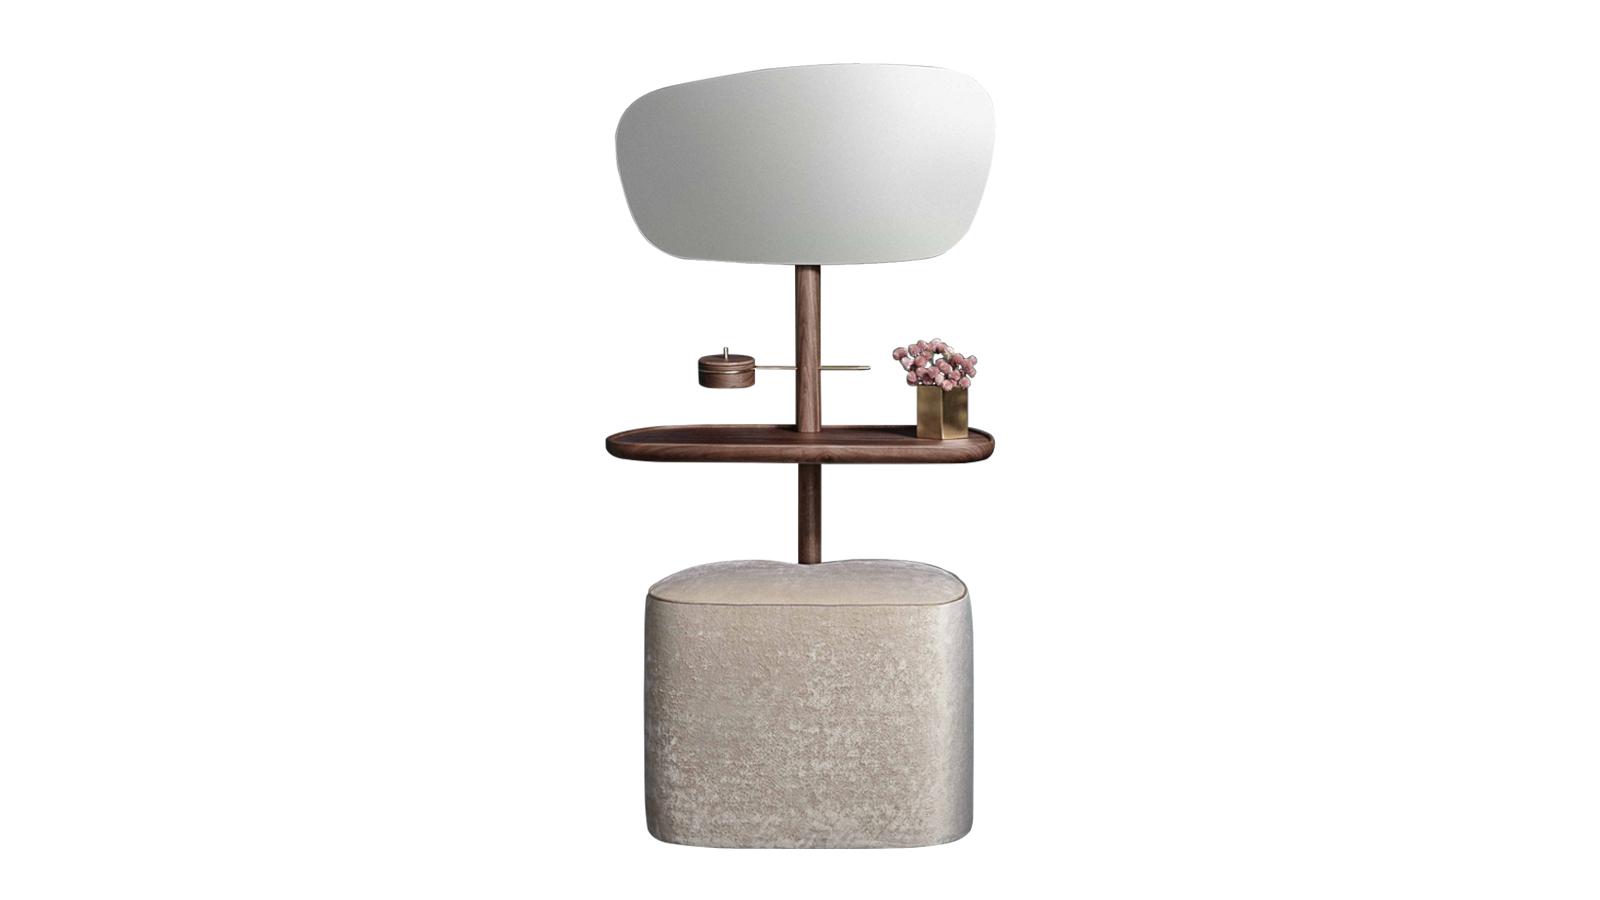 A Nomon fésülködőasztalt az érzéki, modern nő ihlette, aki funkcionalitásra és szépségre vágyik otthonában. A bútor lágy felületei, lekerekített élei egyaránt megjelennek a fa szerkezeten és a tükrön, valamint a kombinációhoz szervesen hozzátartozó, kárpitozott ülőkén is.